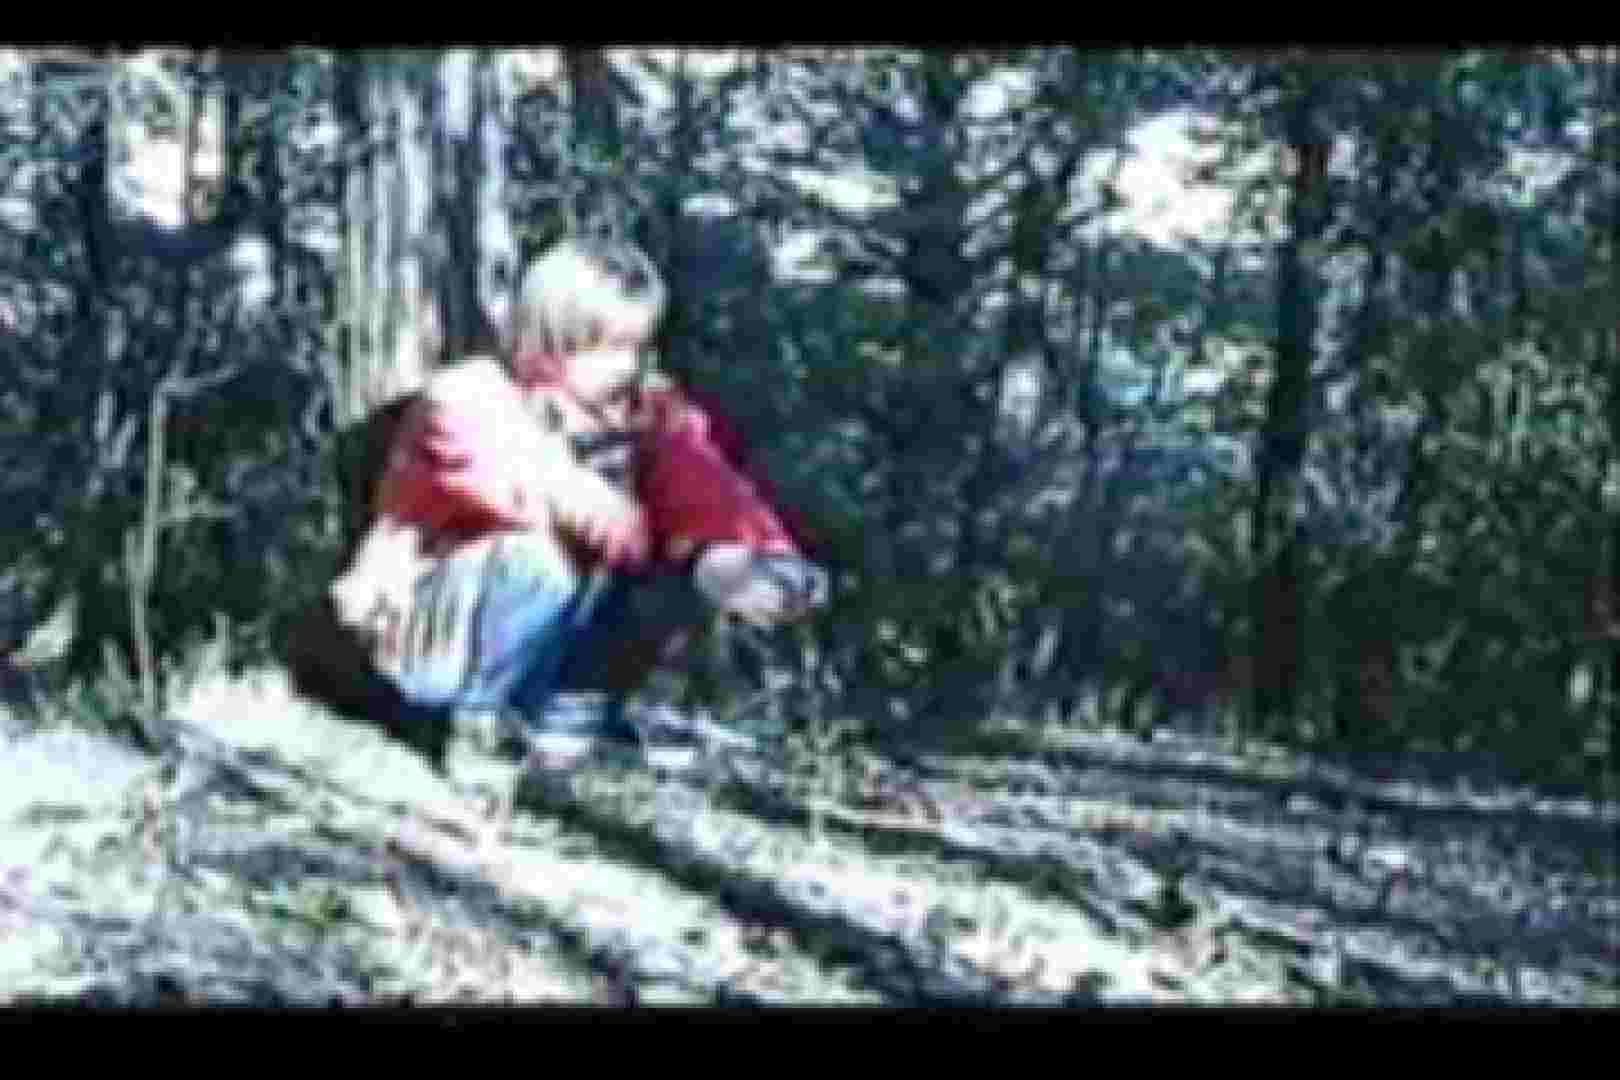 オールドゲイシリーズ  美少年ひかるのオープンファック アナル舐め ゲイ肛門画像 83枚 39